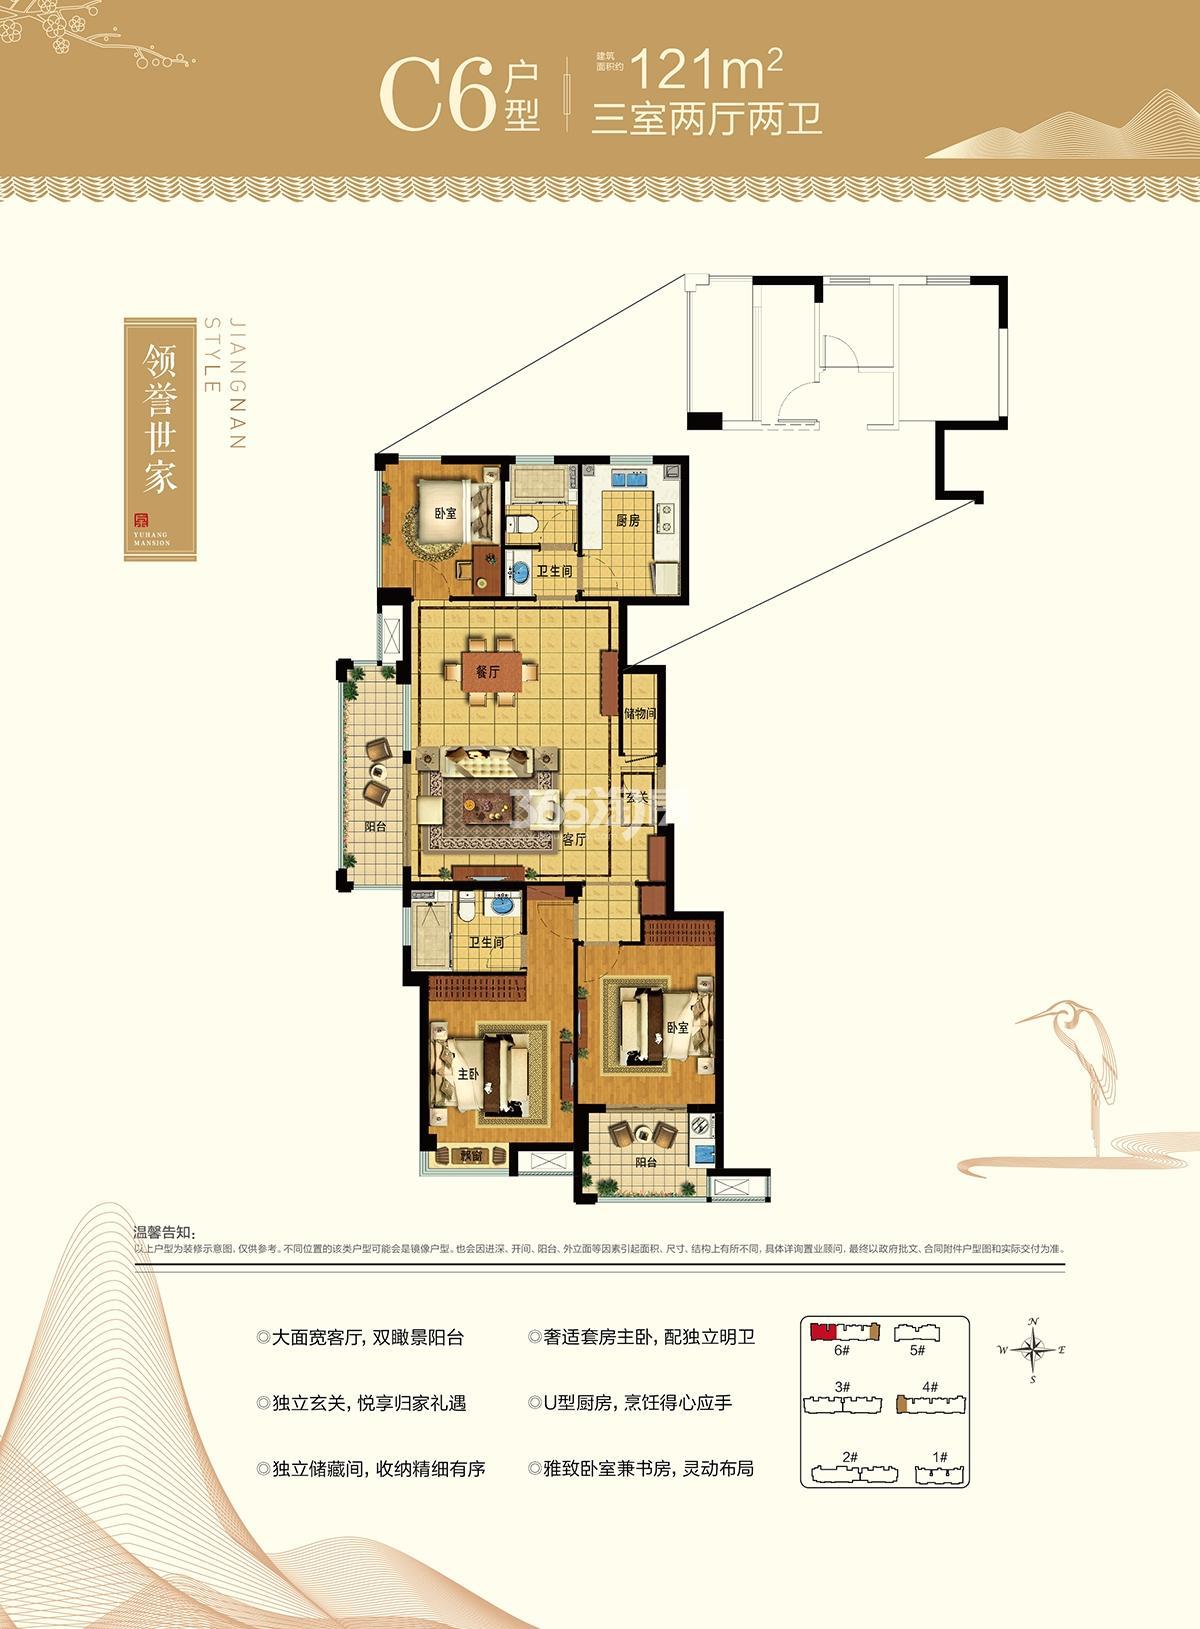 西房余杭公馆4、6号楼C6户型121方